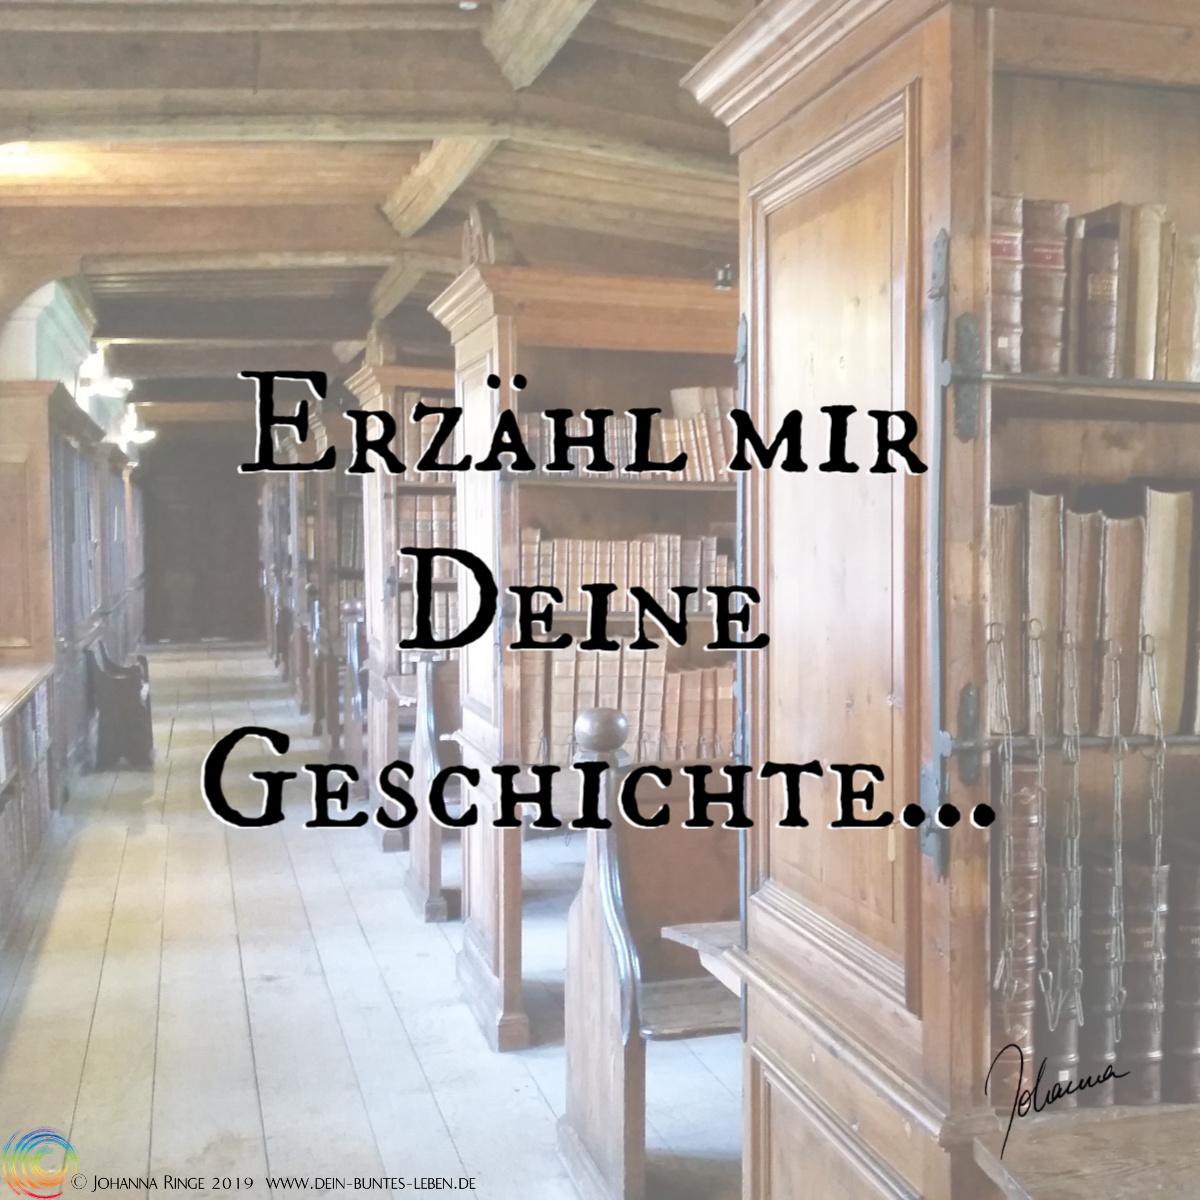 Erzähl mir Deine Geschichte, Text auf Photo von Klosterbibliothek in Wells, UK.©Johanna Ringe 2019 www.dein-buntes-leben.de